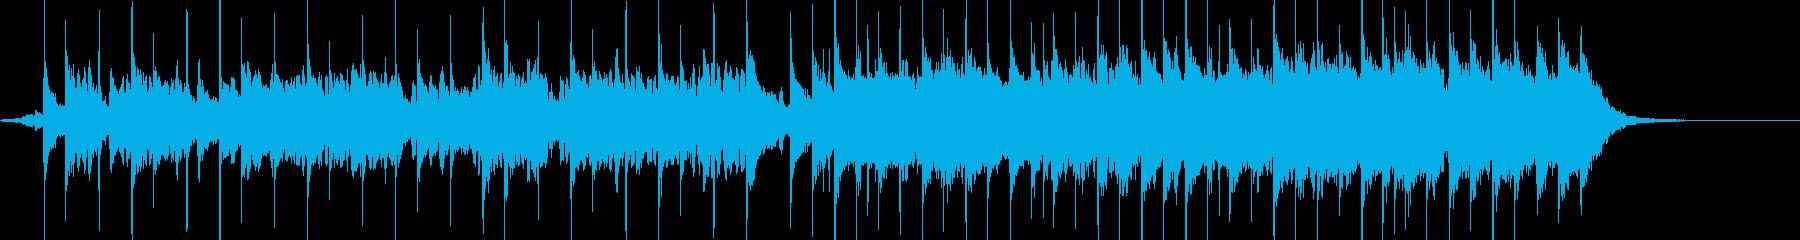 愛らしいバラードの曲の再生済みの波形